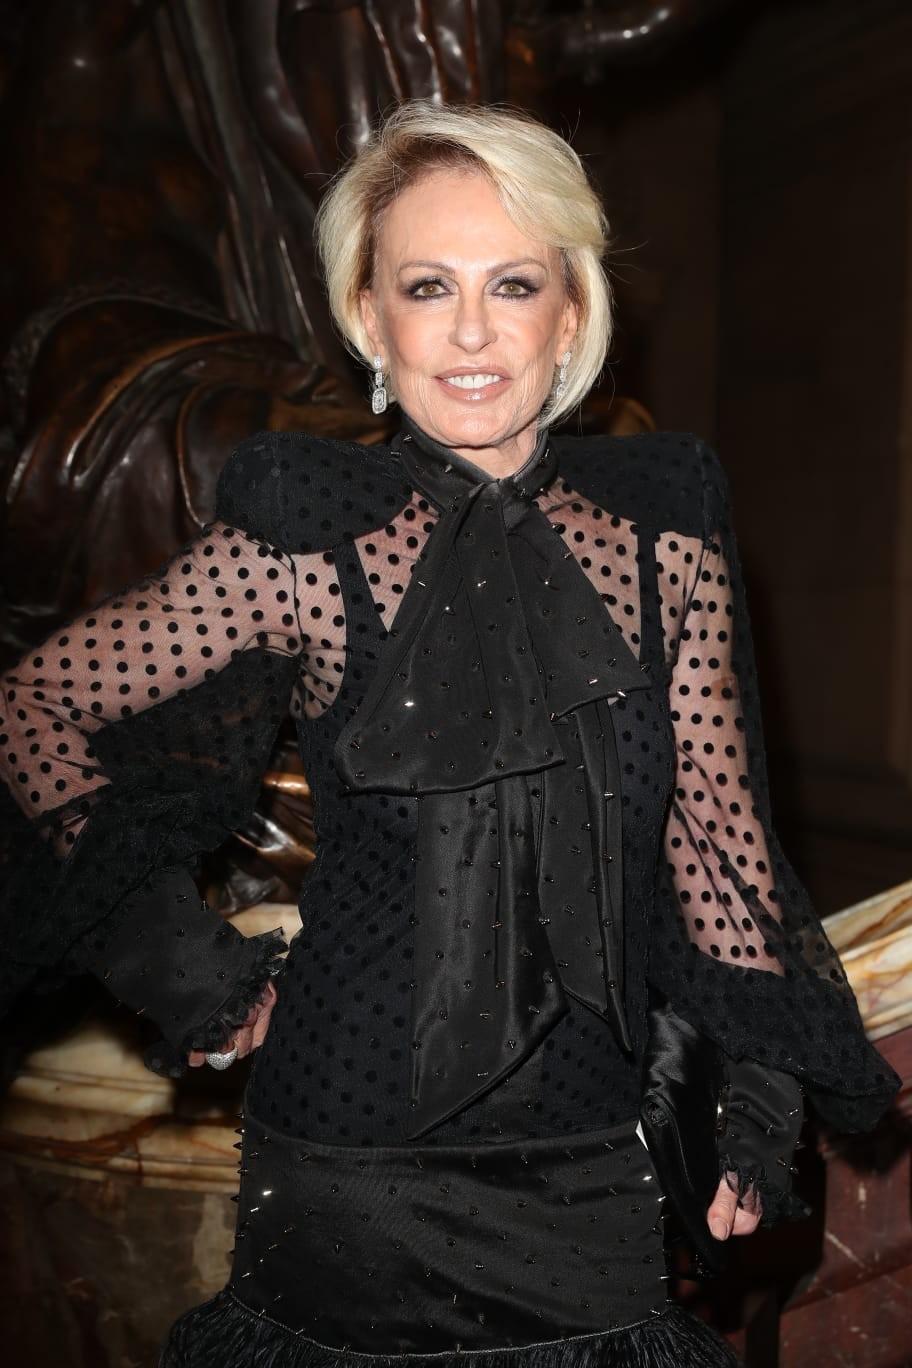 ana maria braga - Look das famosas nas semanas de moda: inspire-se com as dicas do Ouse Todo Dia!